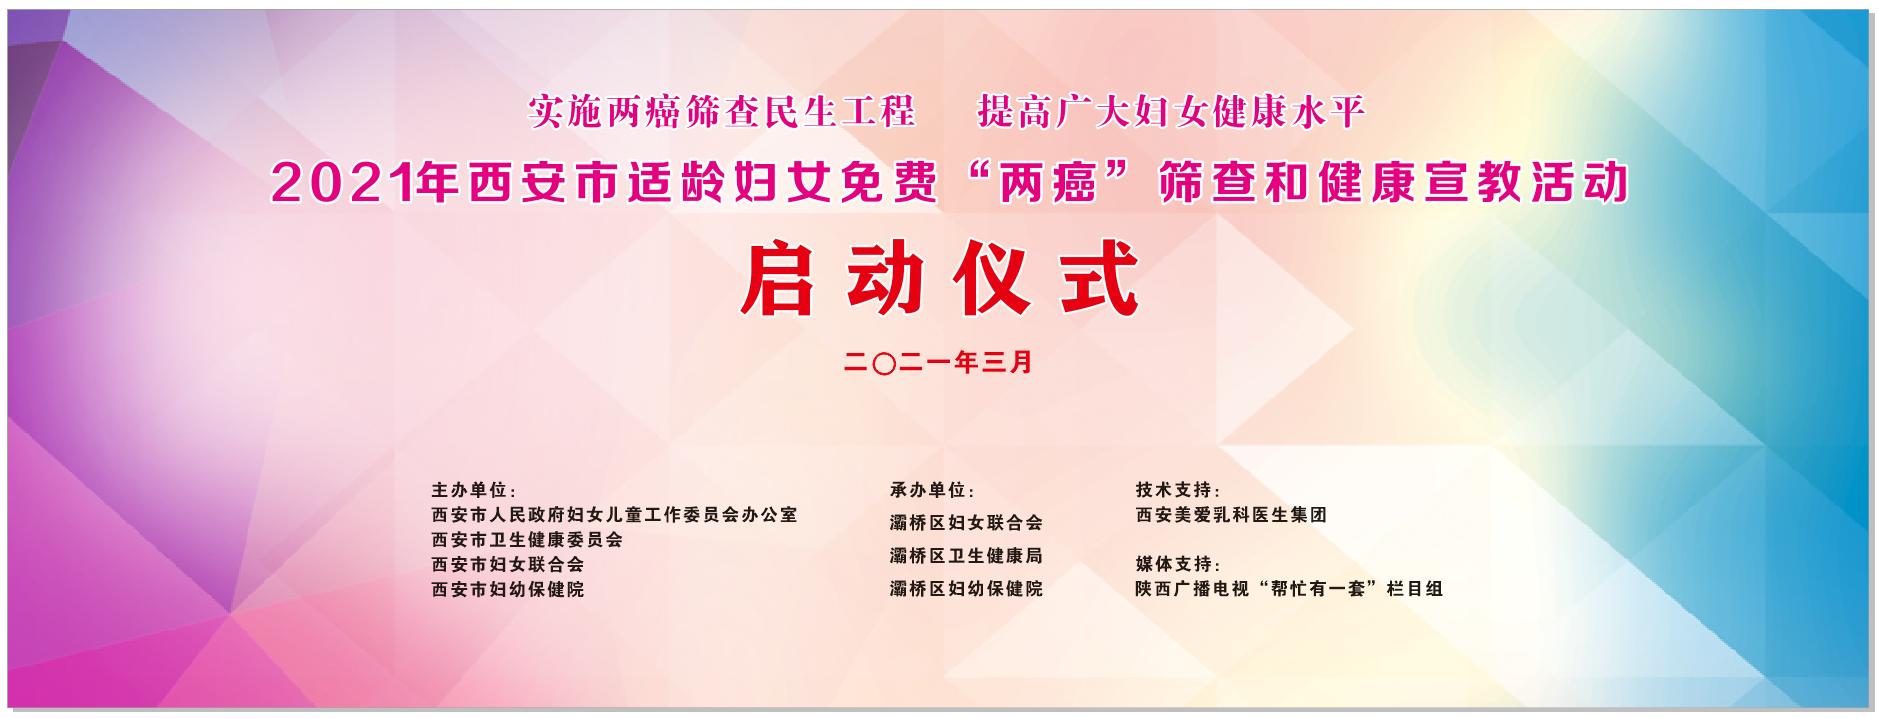 """2021年西安市适龄妇女免费""""两癌""""筛查和健康宣教活动启动仪式"""